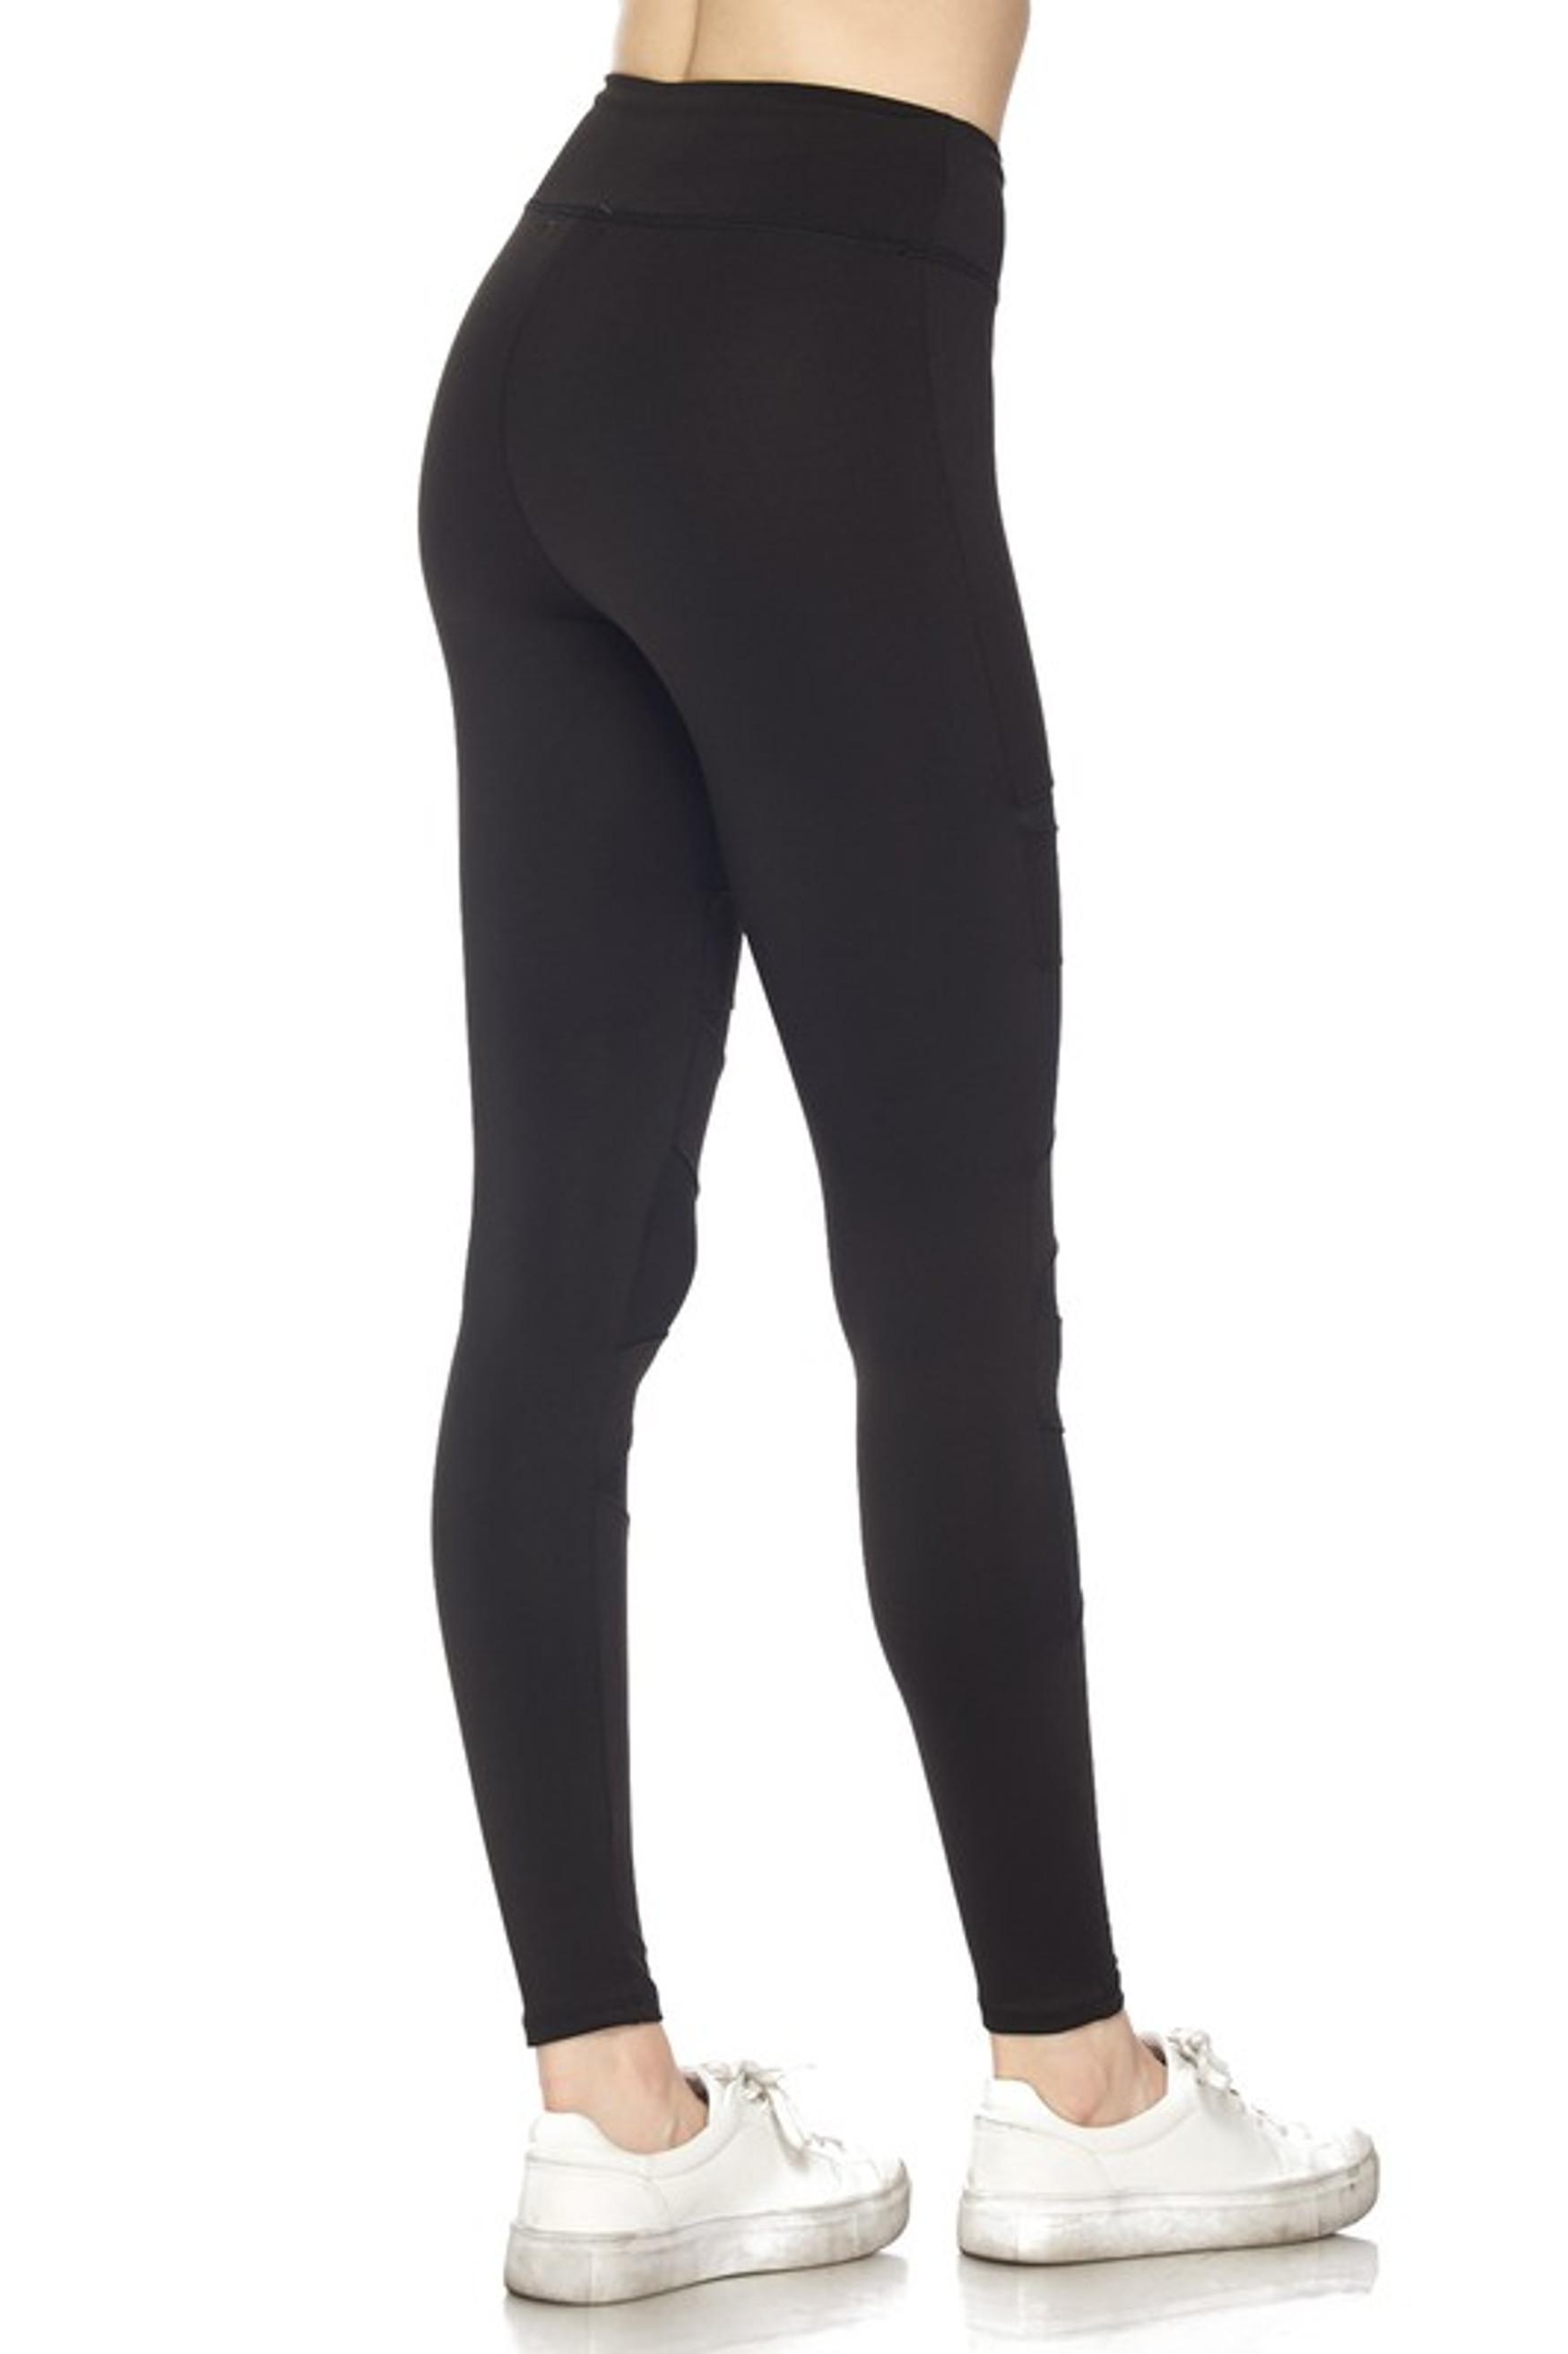 45 degree back right side of  Black Triangular Mesh Plus Size Sport Leggings